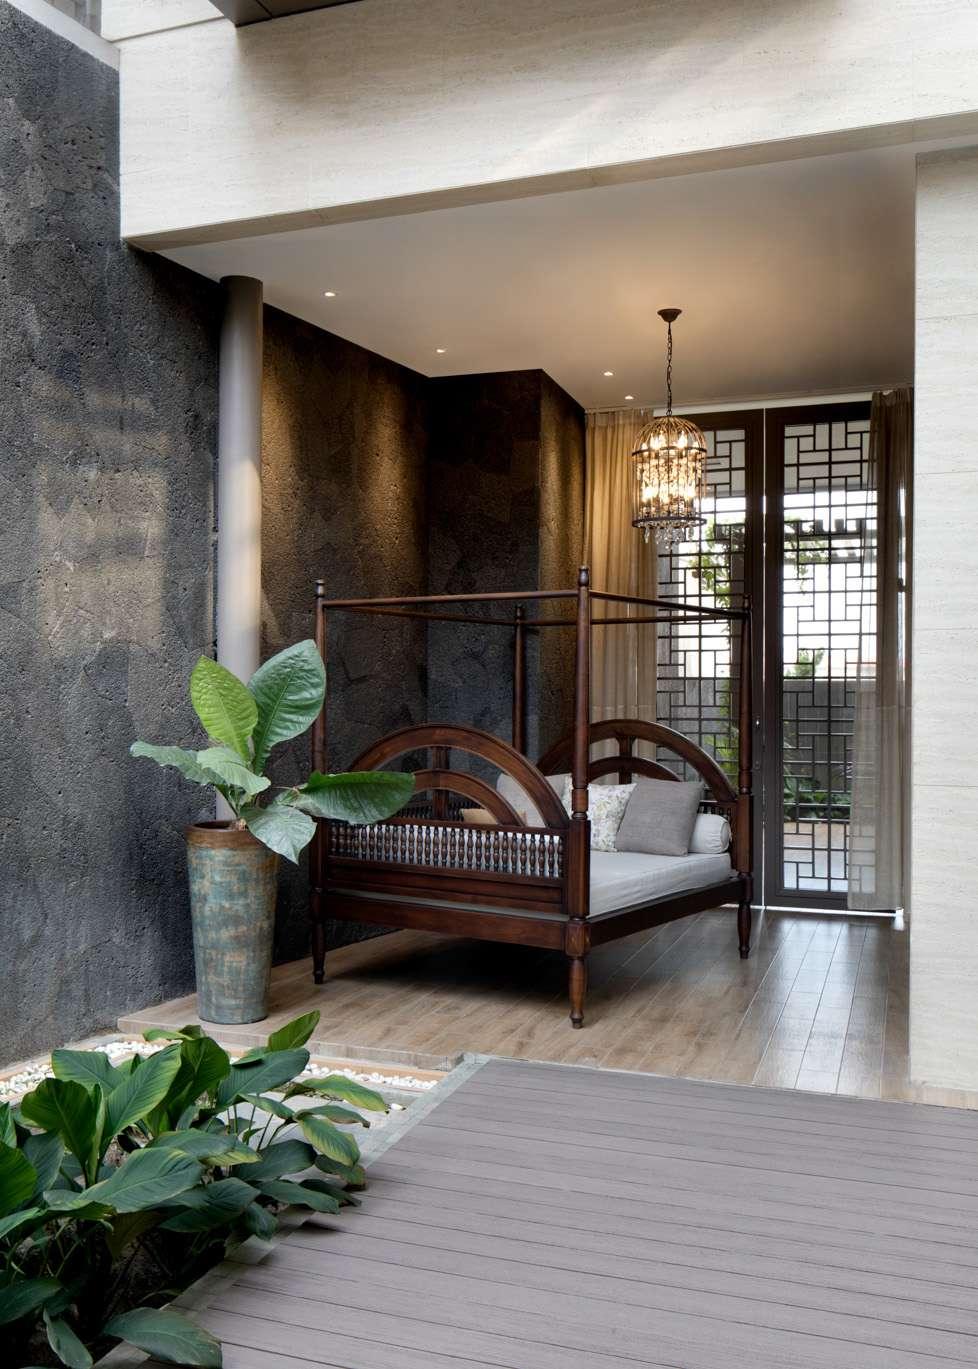 Residence in Pekanbaru